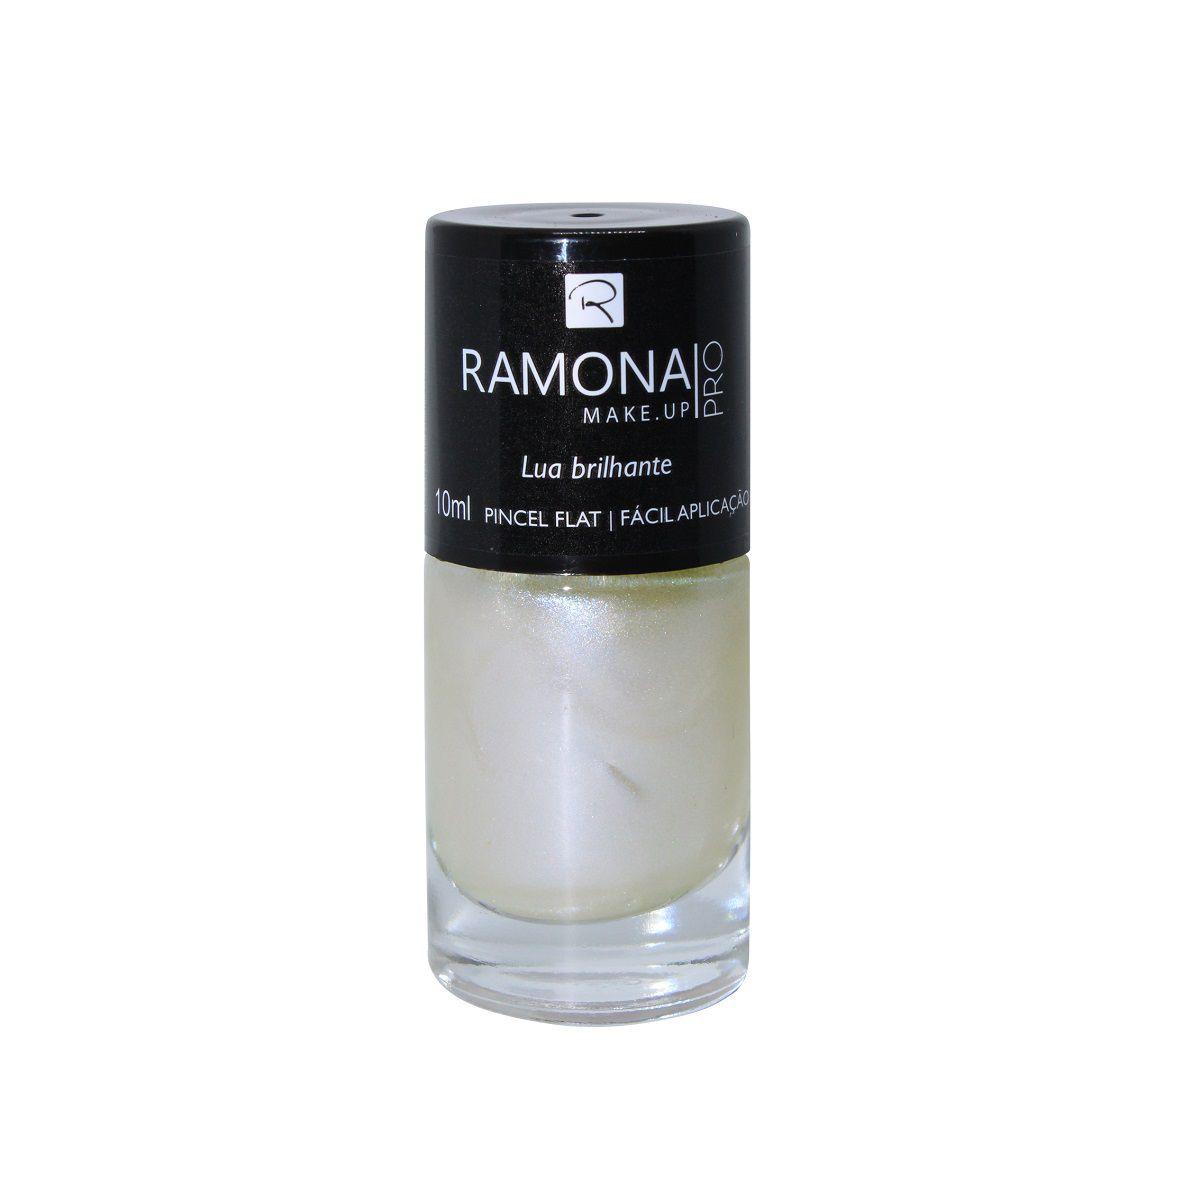 Esmalte cintilante Ramona Cosméticos Lua brilhante 10ml